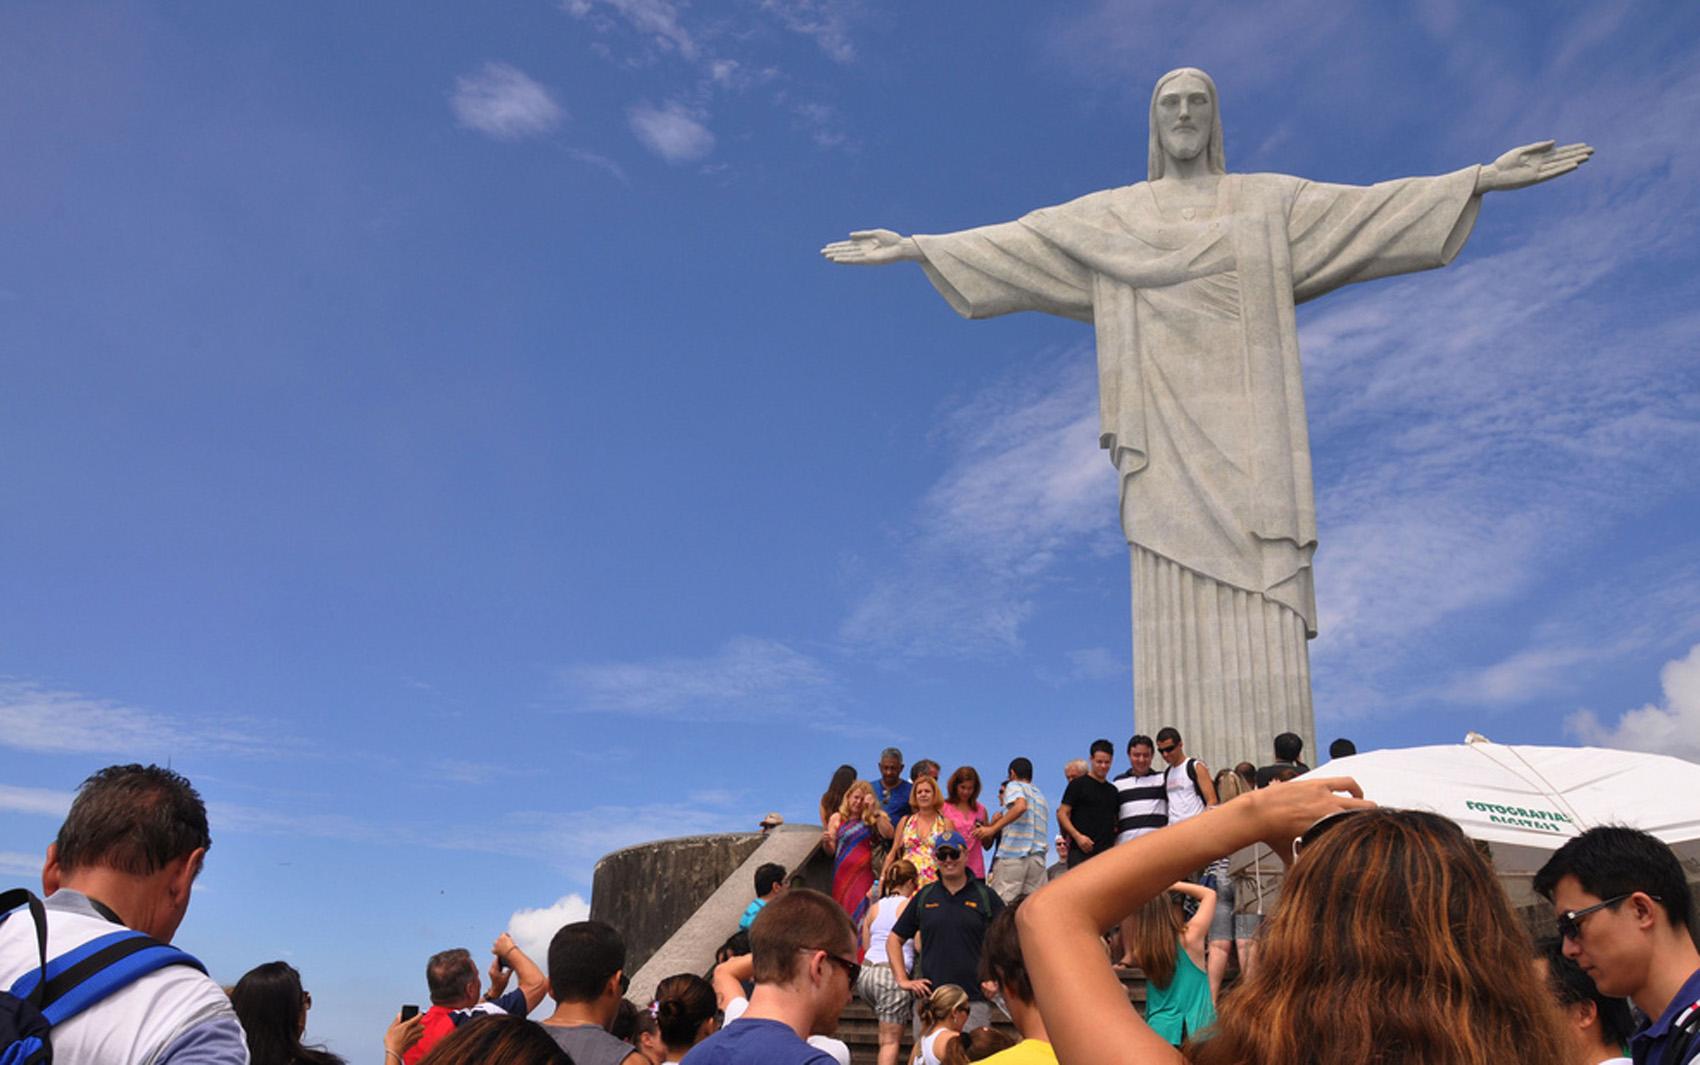 A estátua do Cristo Redentor é considerada uma das maravilhas do mundo moderno.